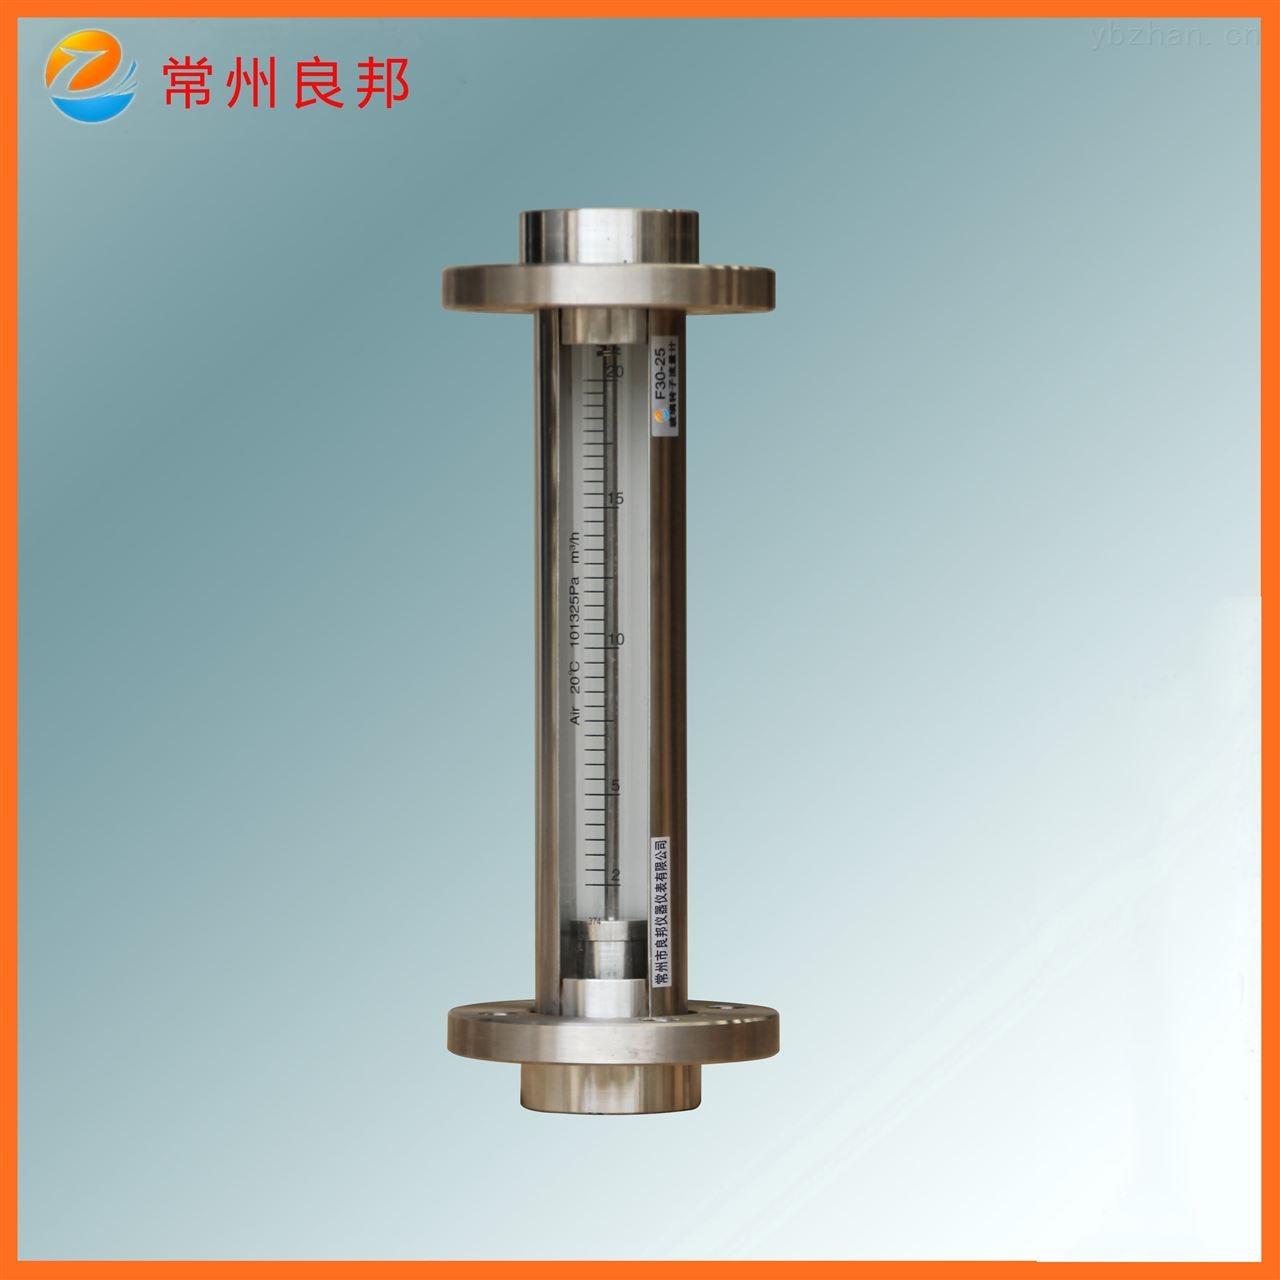 乙醇玻璃转子流量計